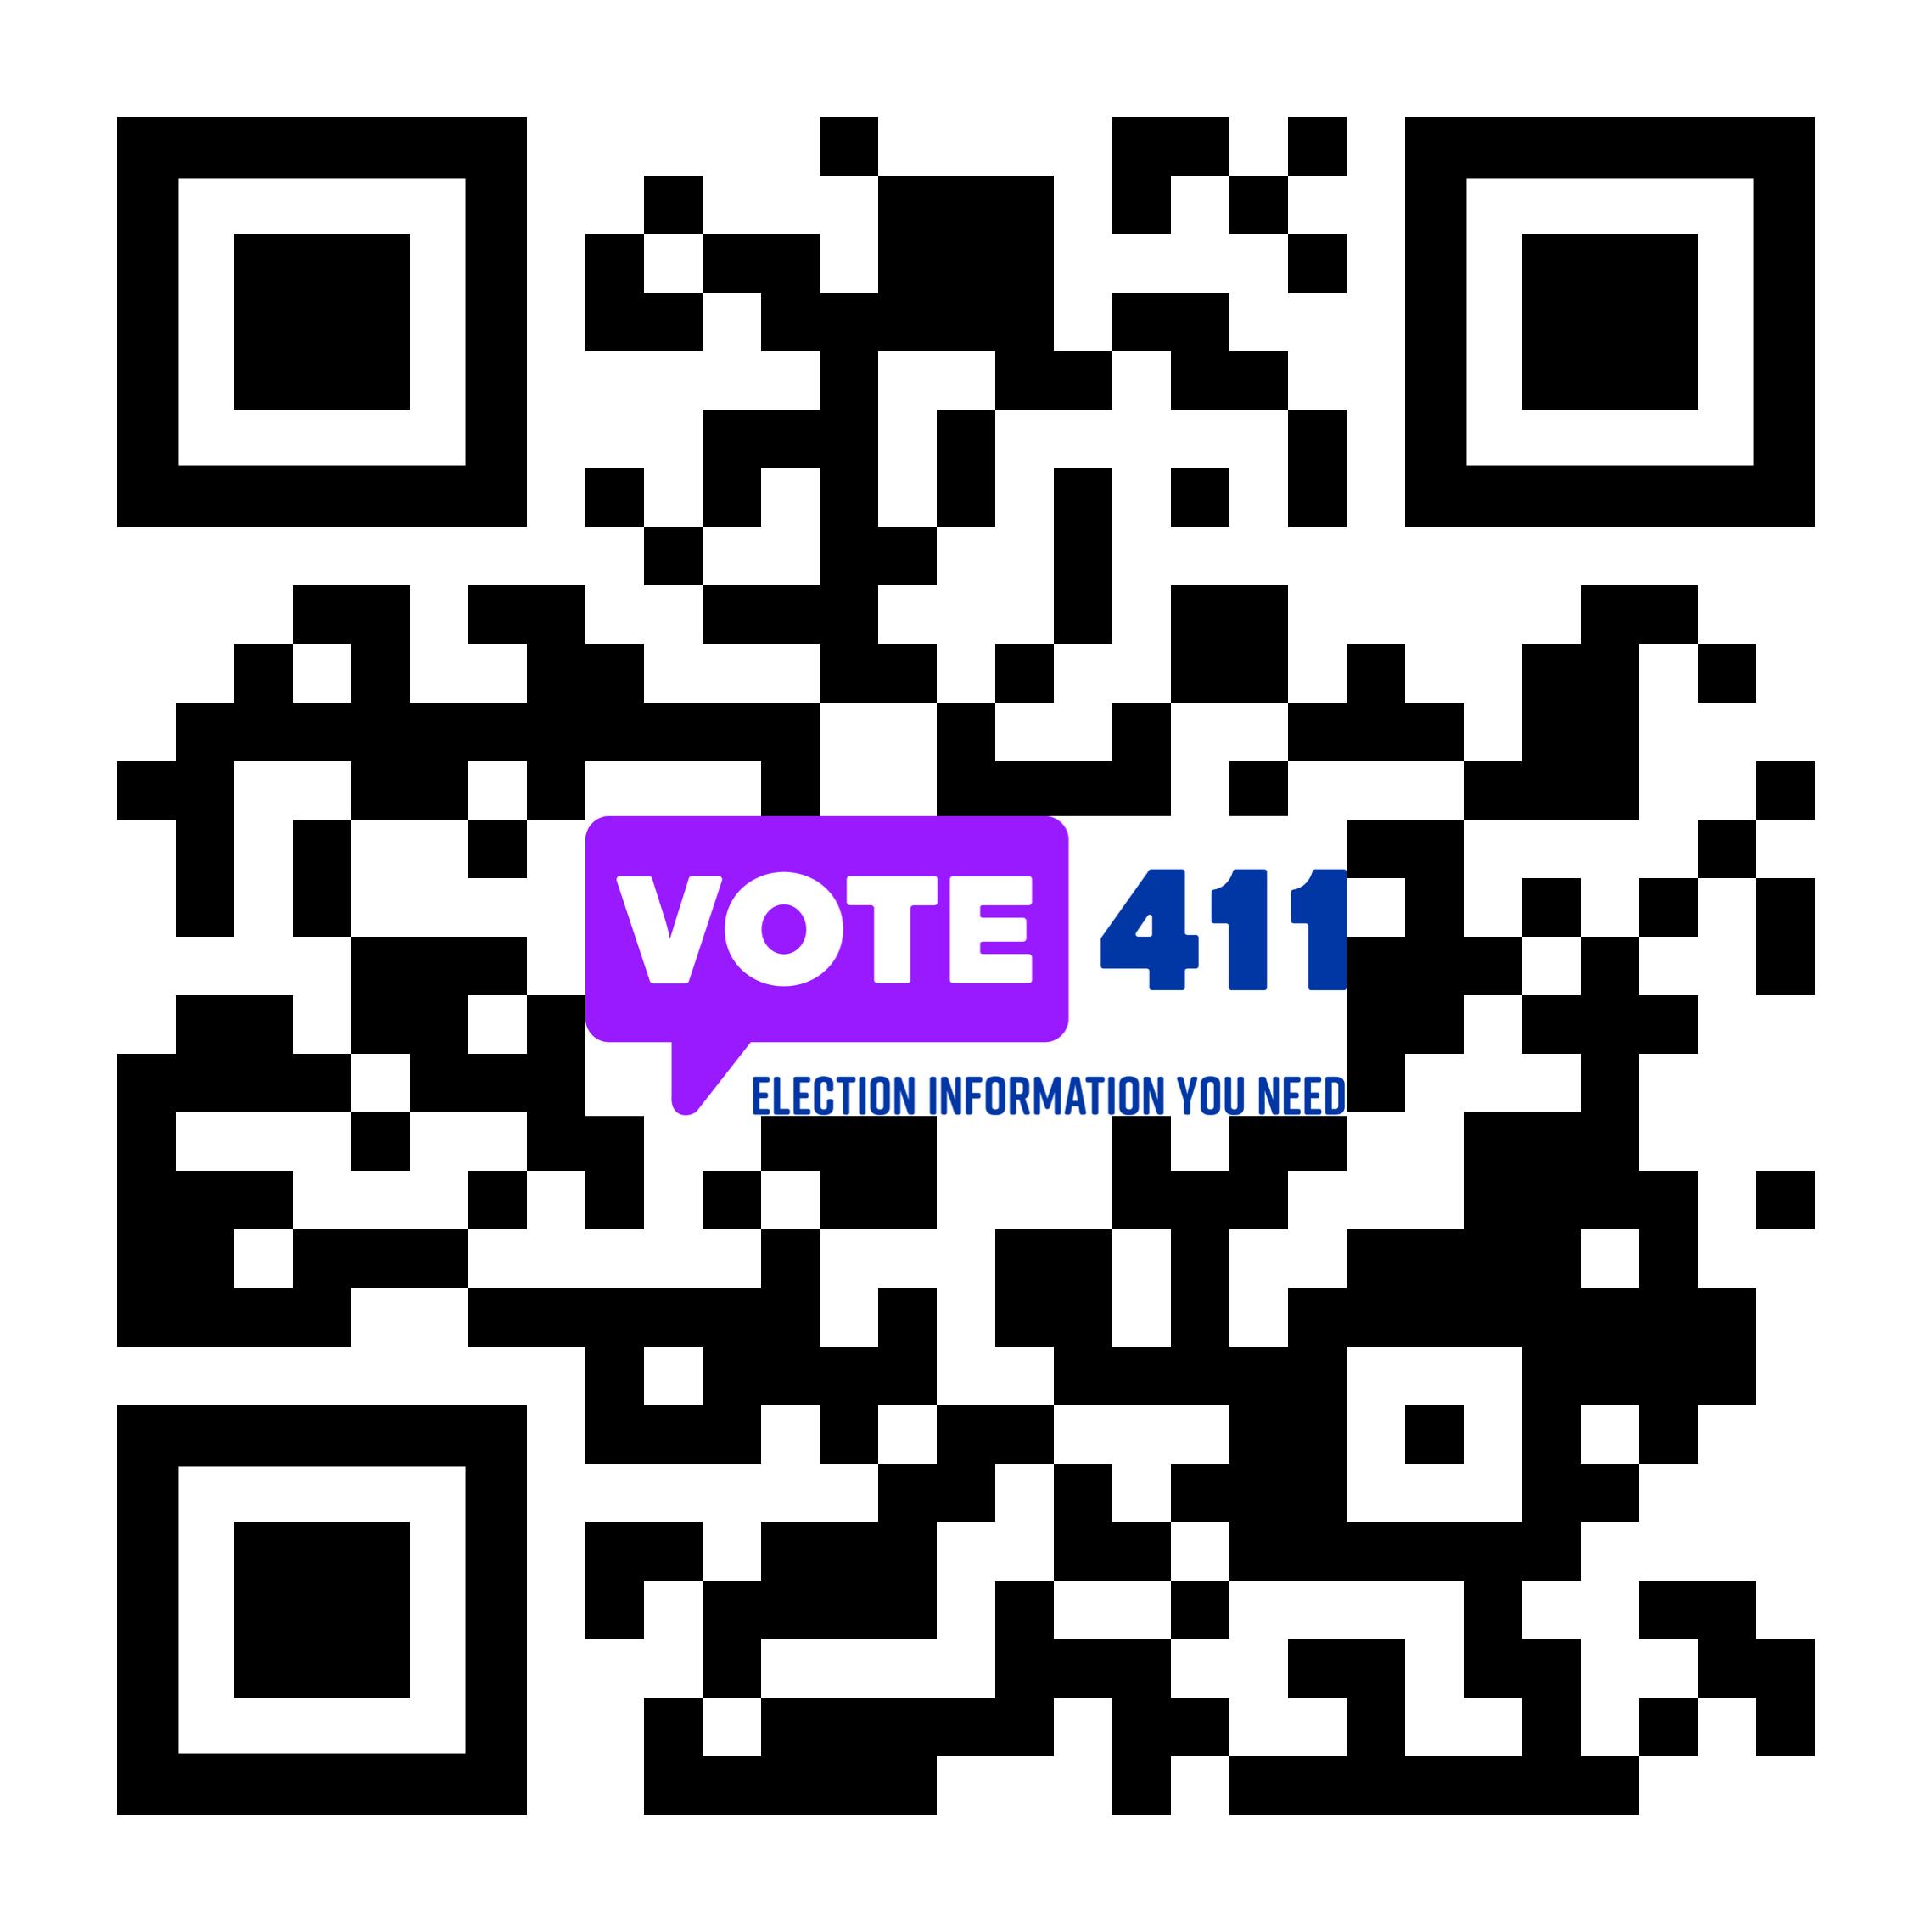 vote411.org QR Code